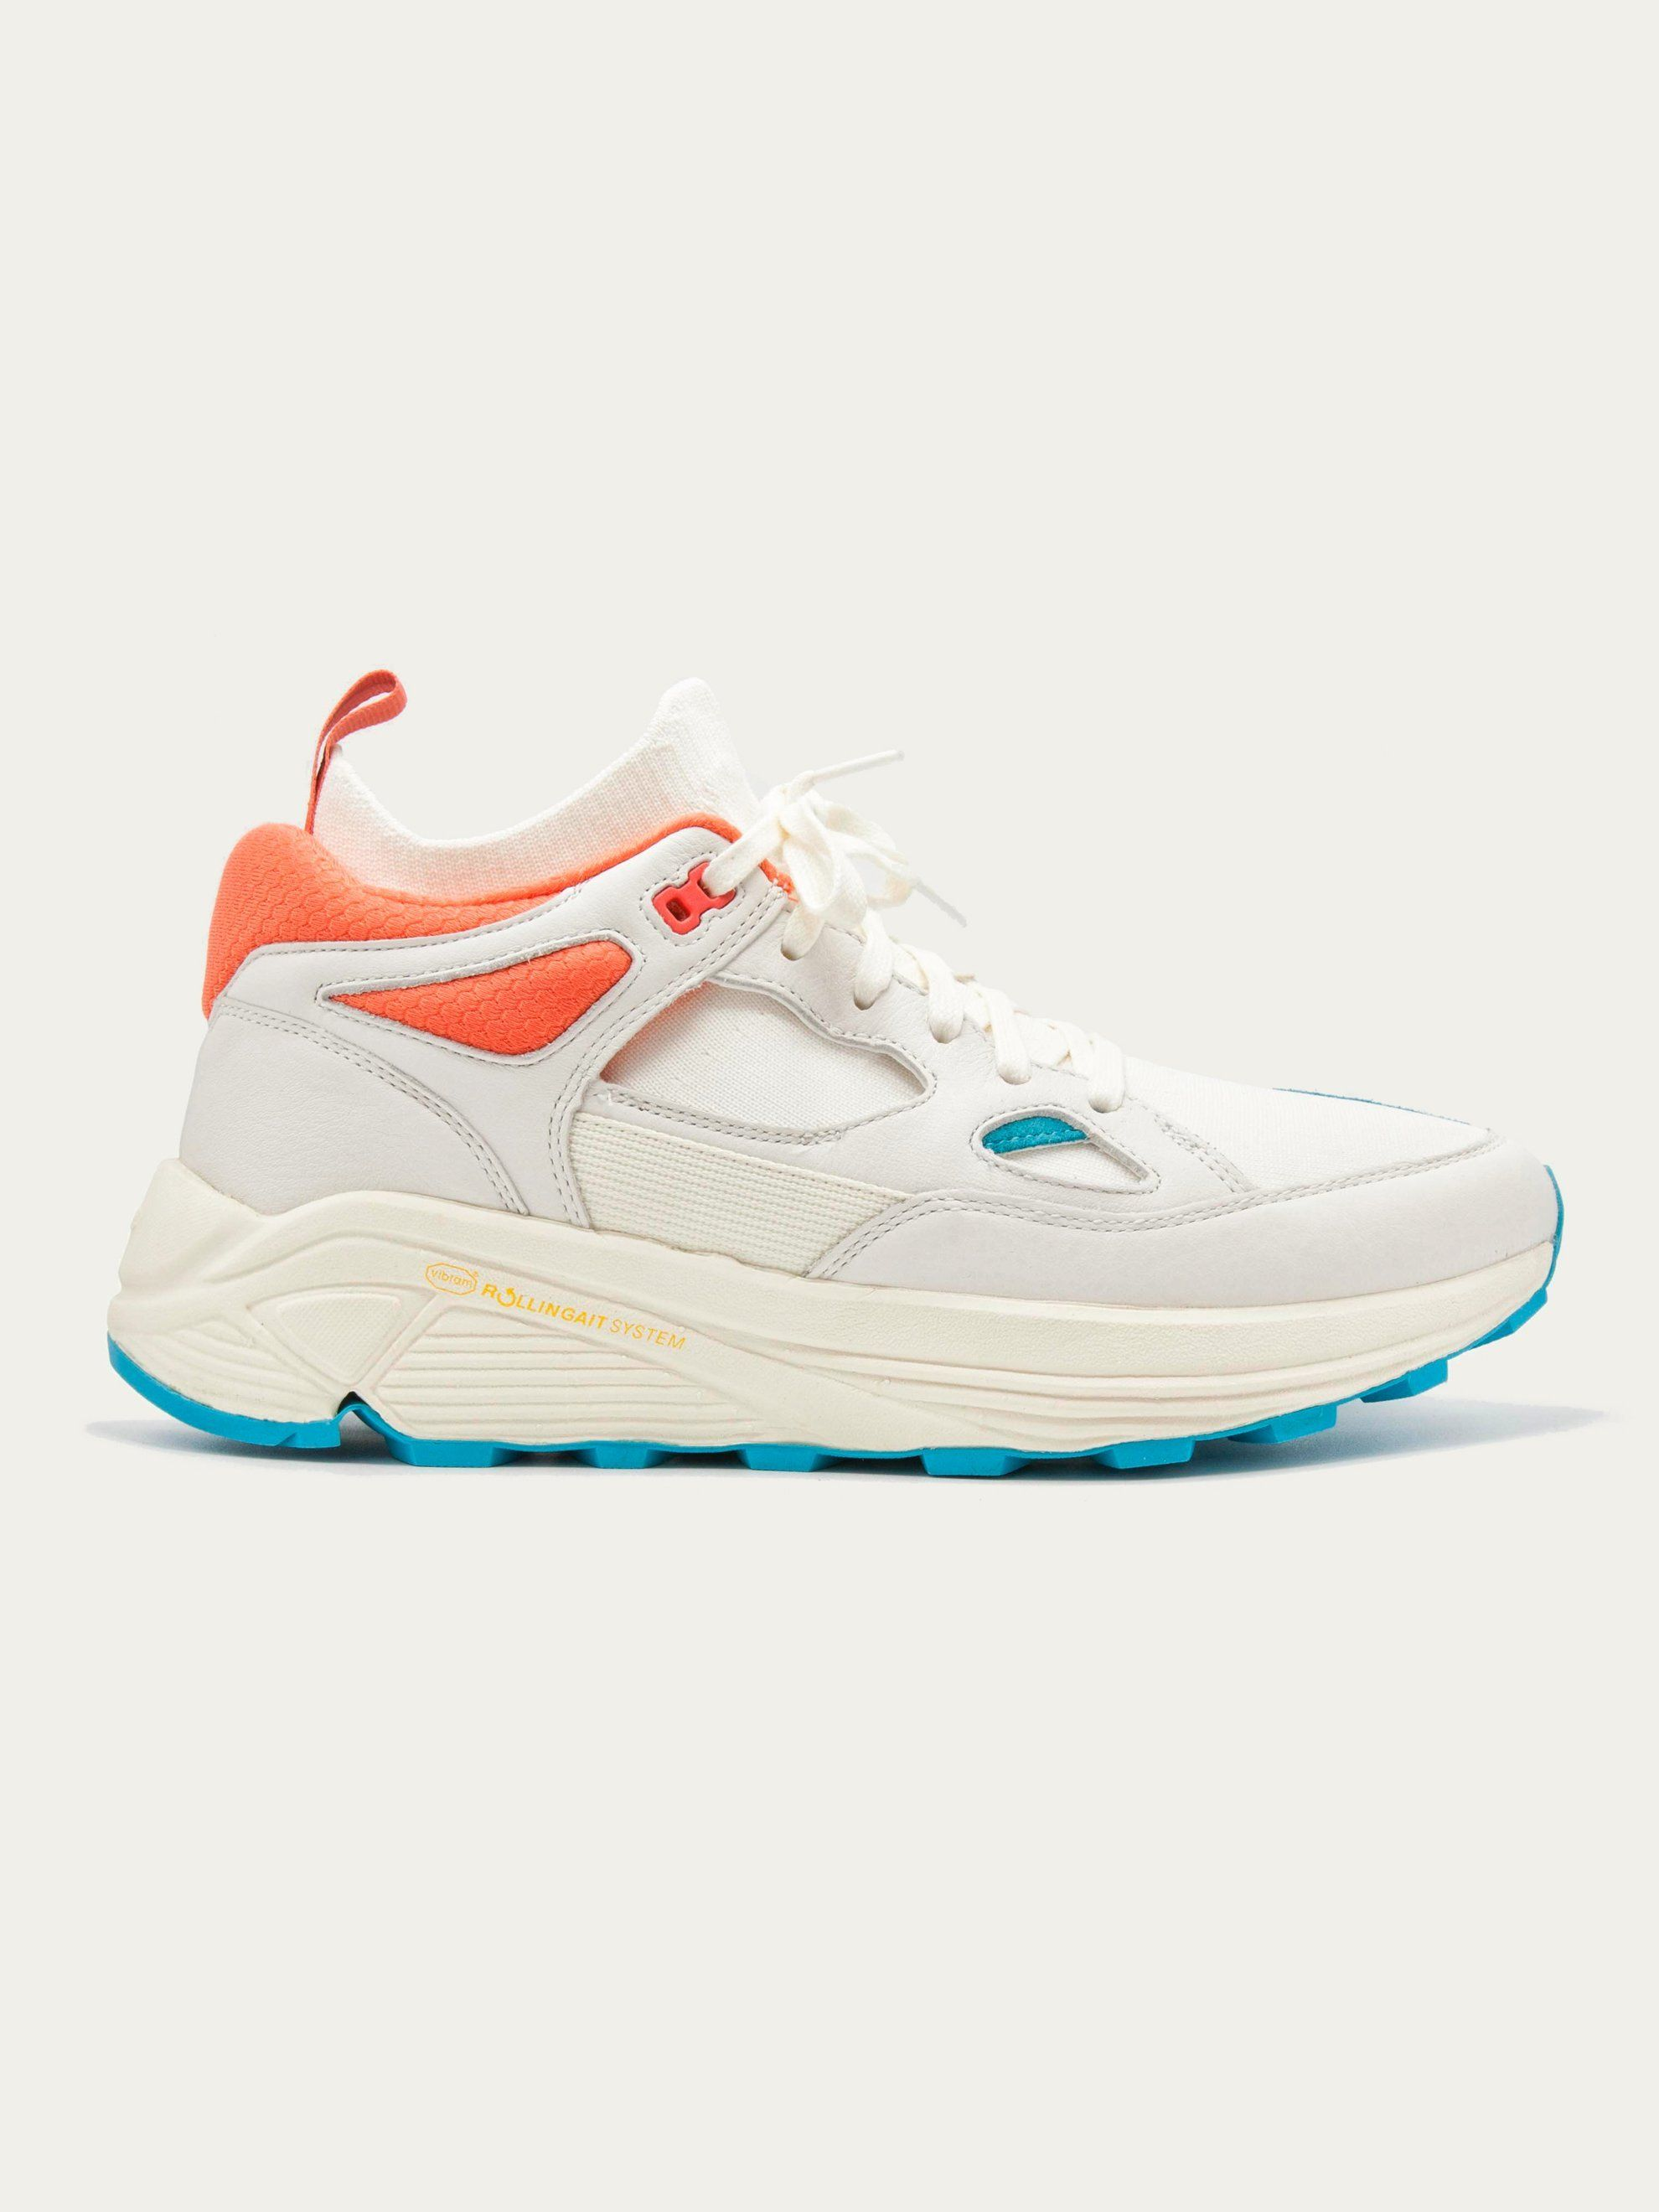 separation shoes f3bdb 0ee7b promo code b0426 ee4ab BRANDBLACK - Aura WhiteAqua Sneakers - 200.00